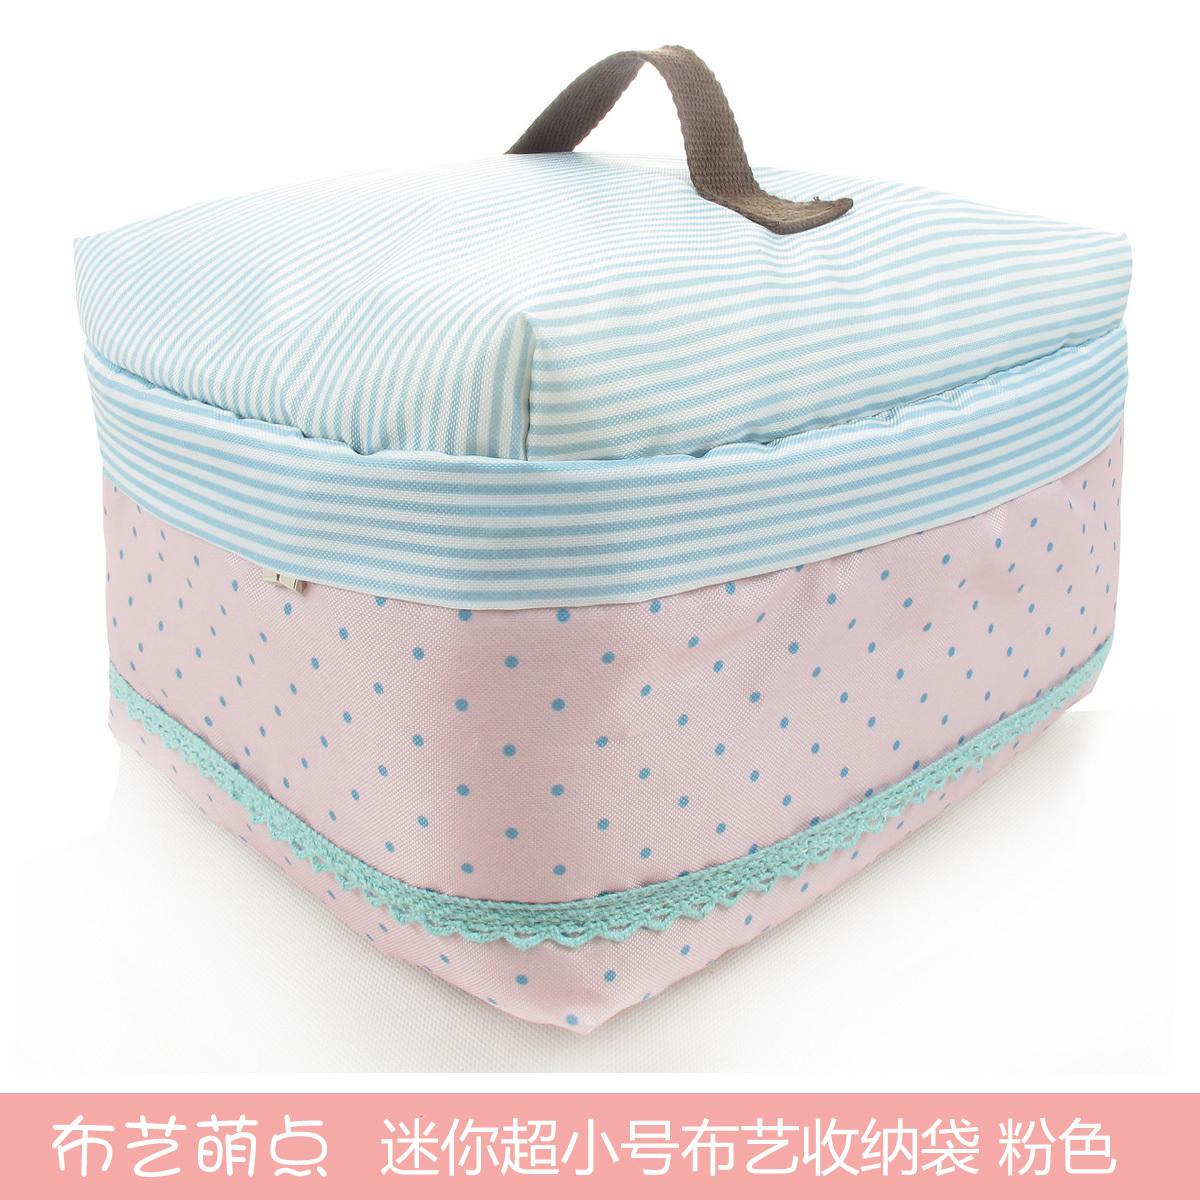 Цвет: Собрать сумку, Мини 25 * 20 * 15